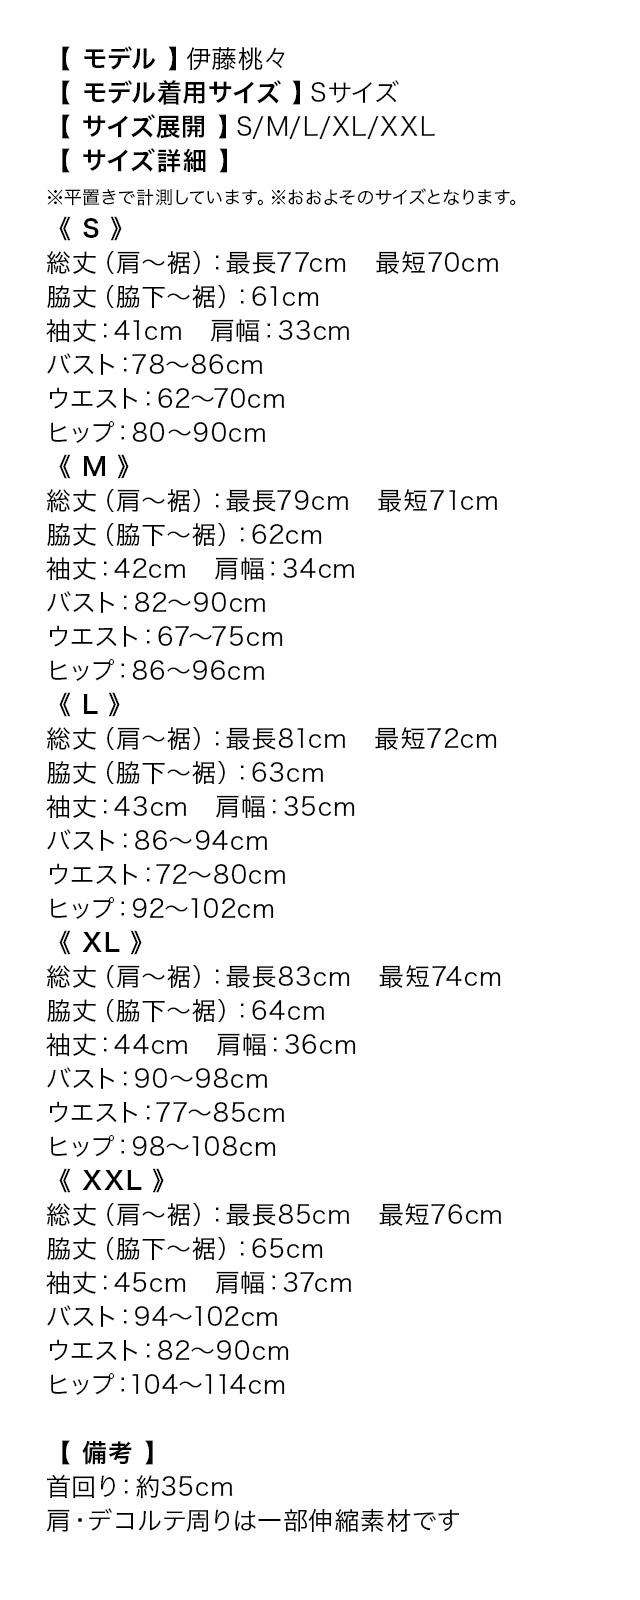 チョーカーネックフラワーレース切り替えペプラムタイトミニドレスのサイズ表